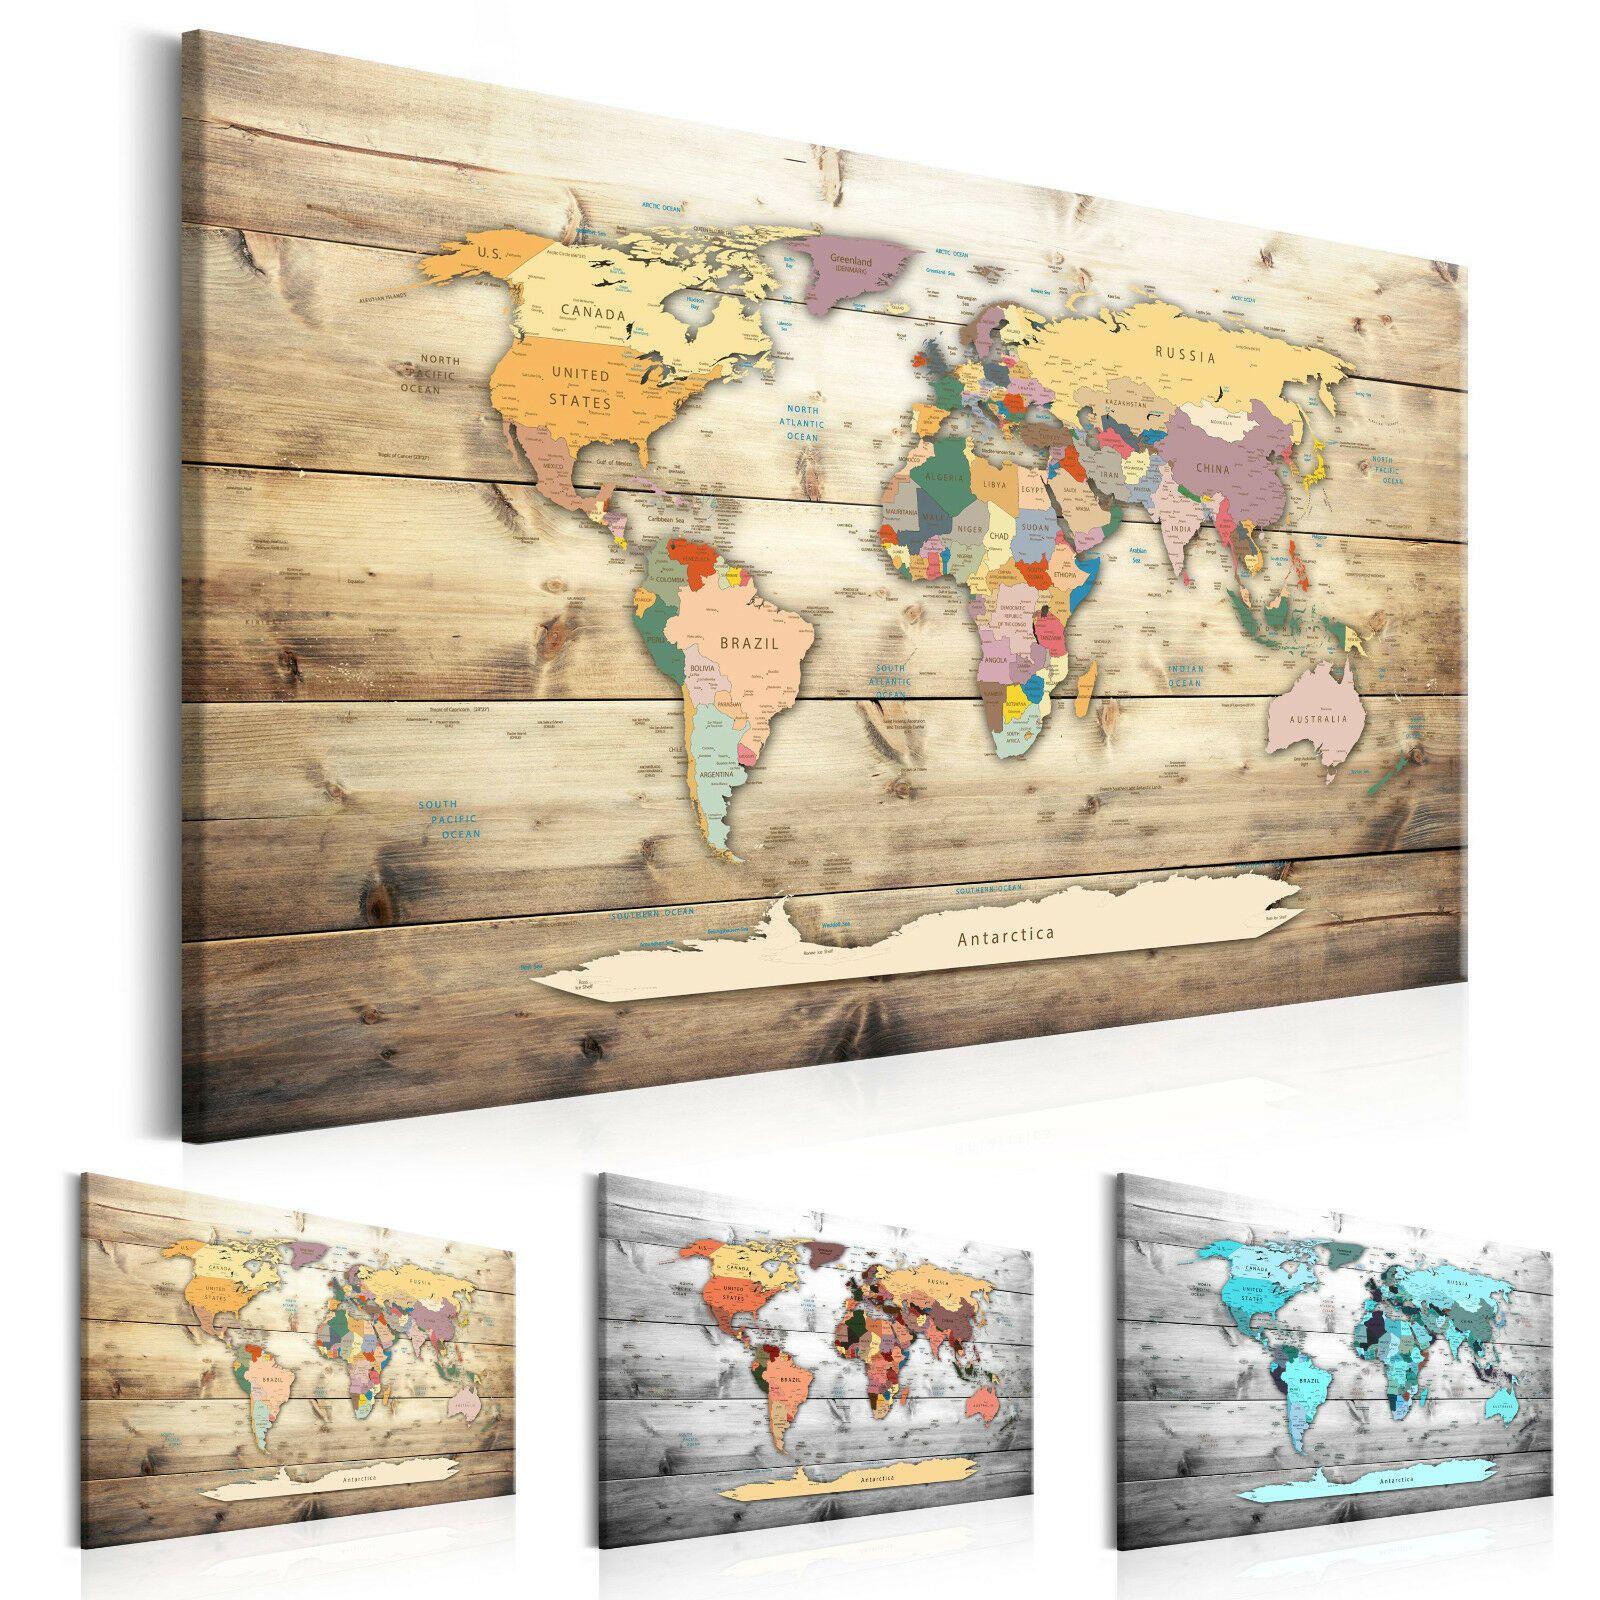 Pinnwand Weltkarte Wandbilder Landkarte Leinwand Bilder Xxl Kork K B 0009 P B Ebay Karten Leinwand Weltkarte Leinwand Weltkarte